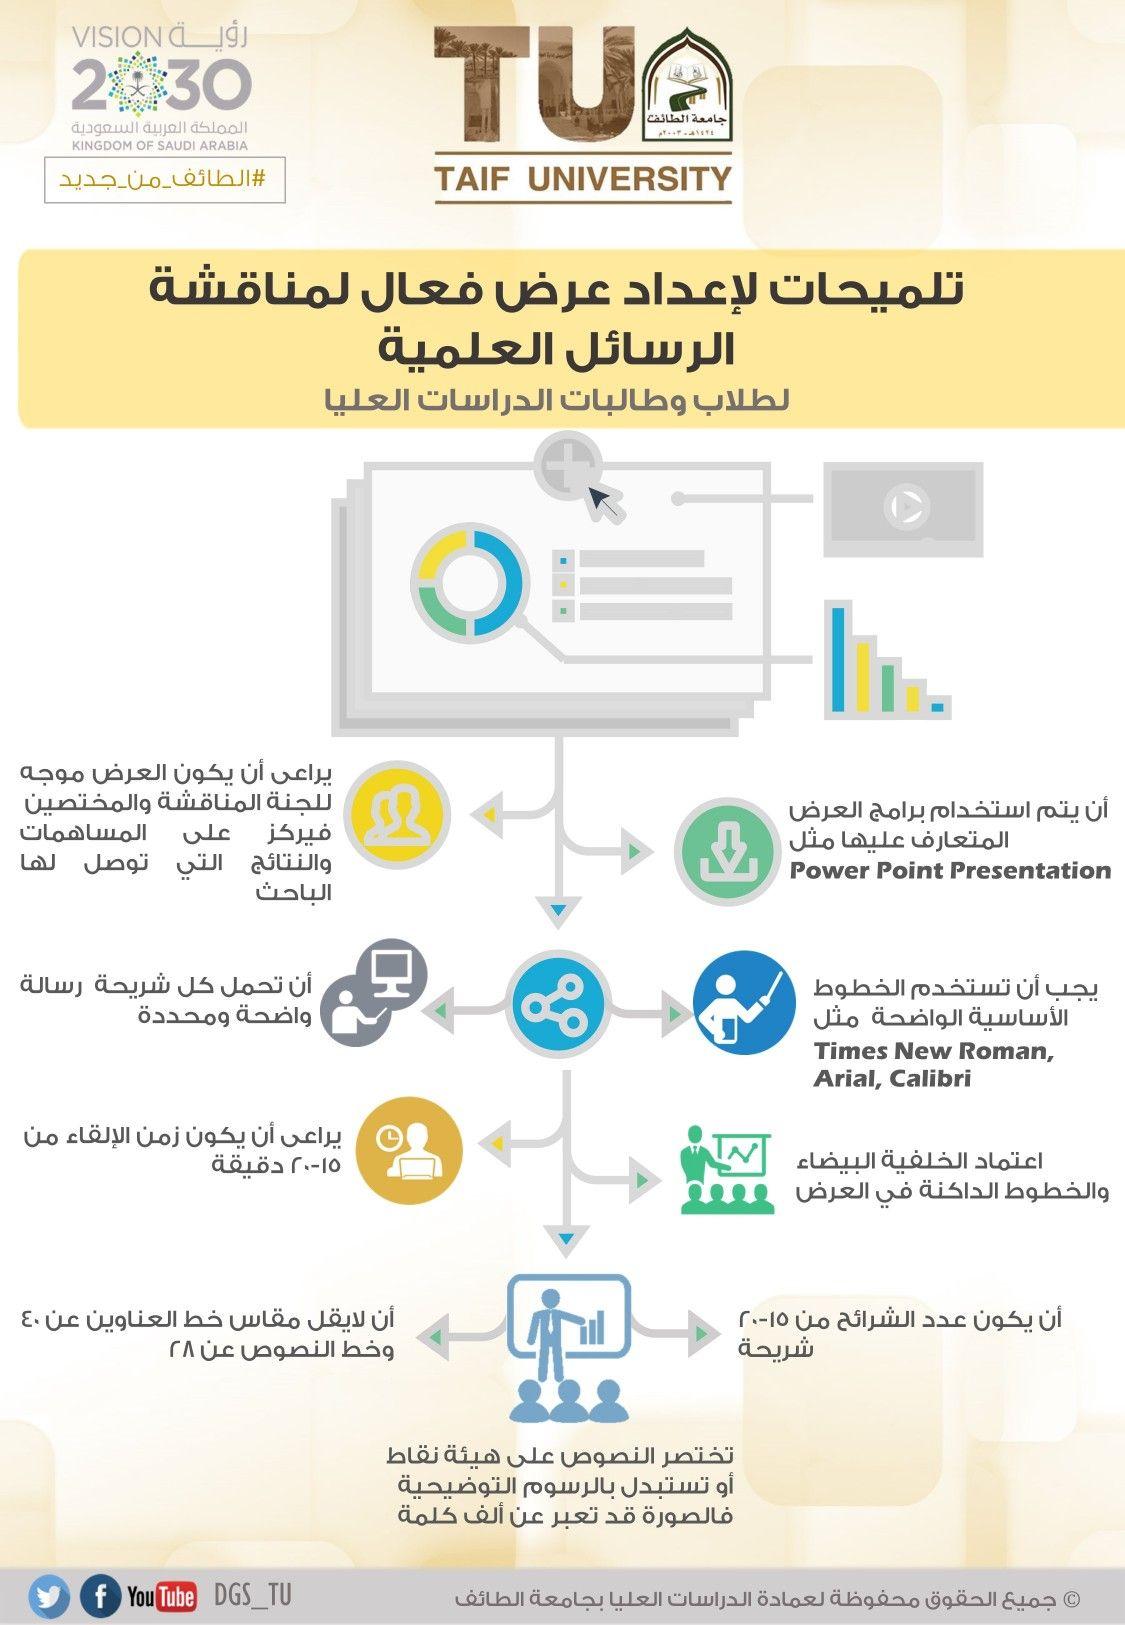 انفوجرافيك تلميحات العرض الخاص بالمناقشات العلمية Learning Websites How To Better Yourself Work Smarter